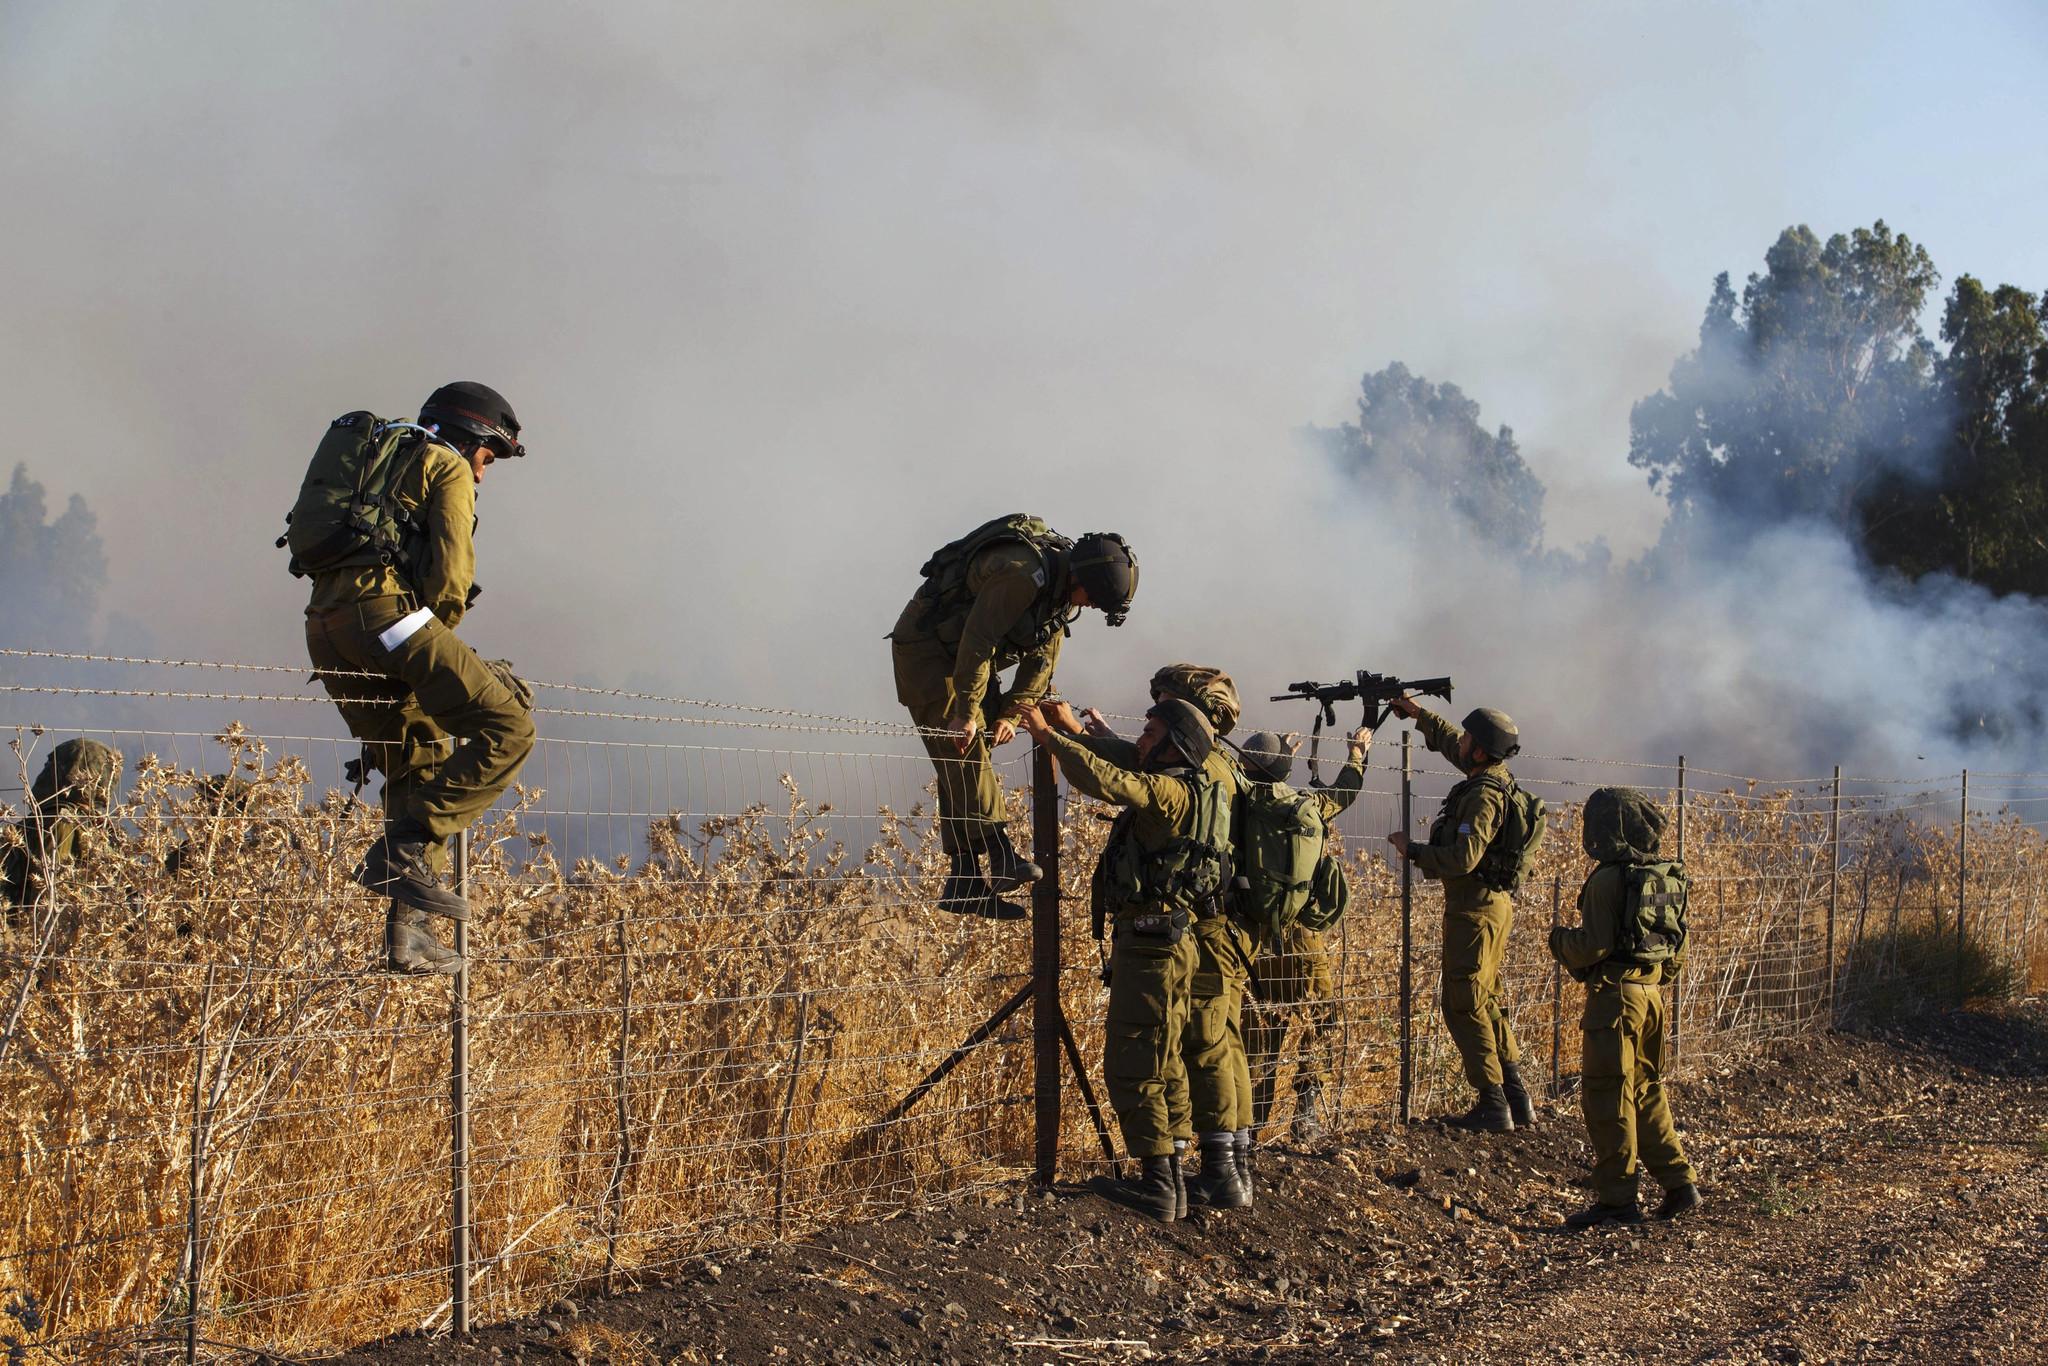 乱!以色列连续不宣而战,美军向伊朗开火,印度武装趁乱袭击